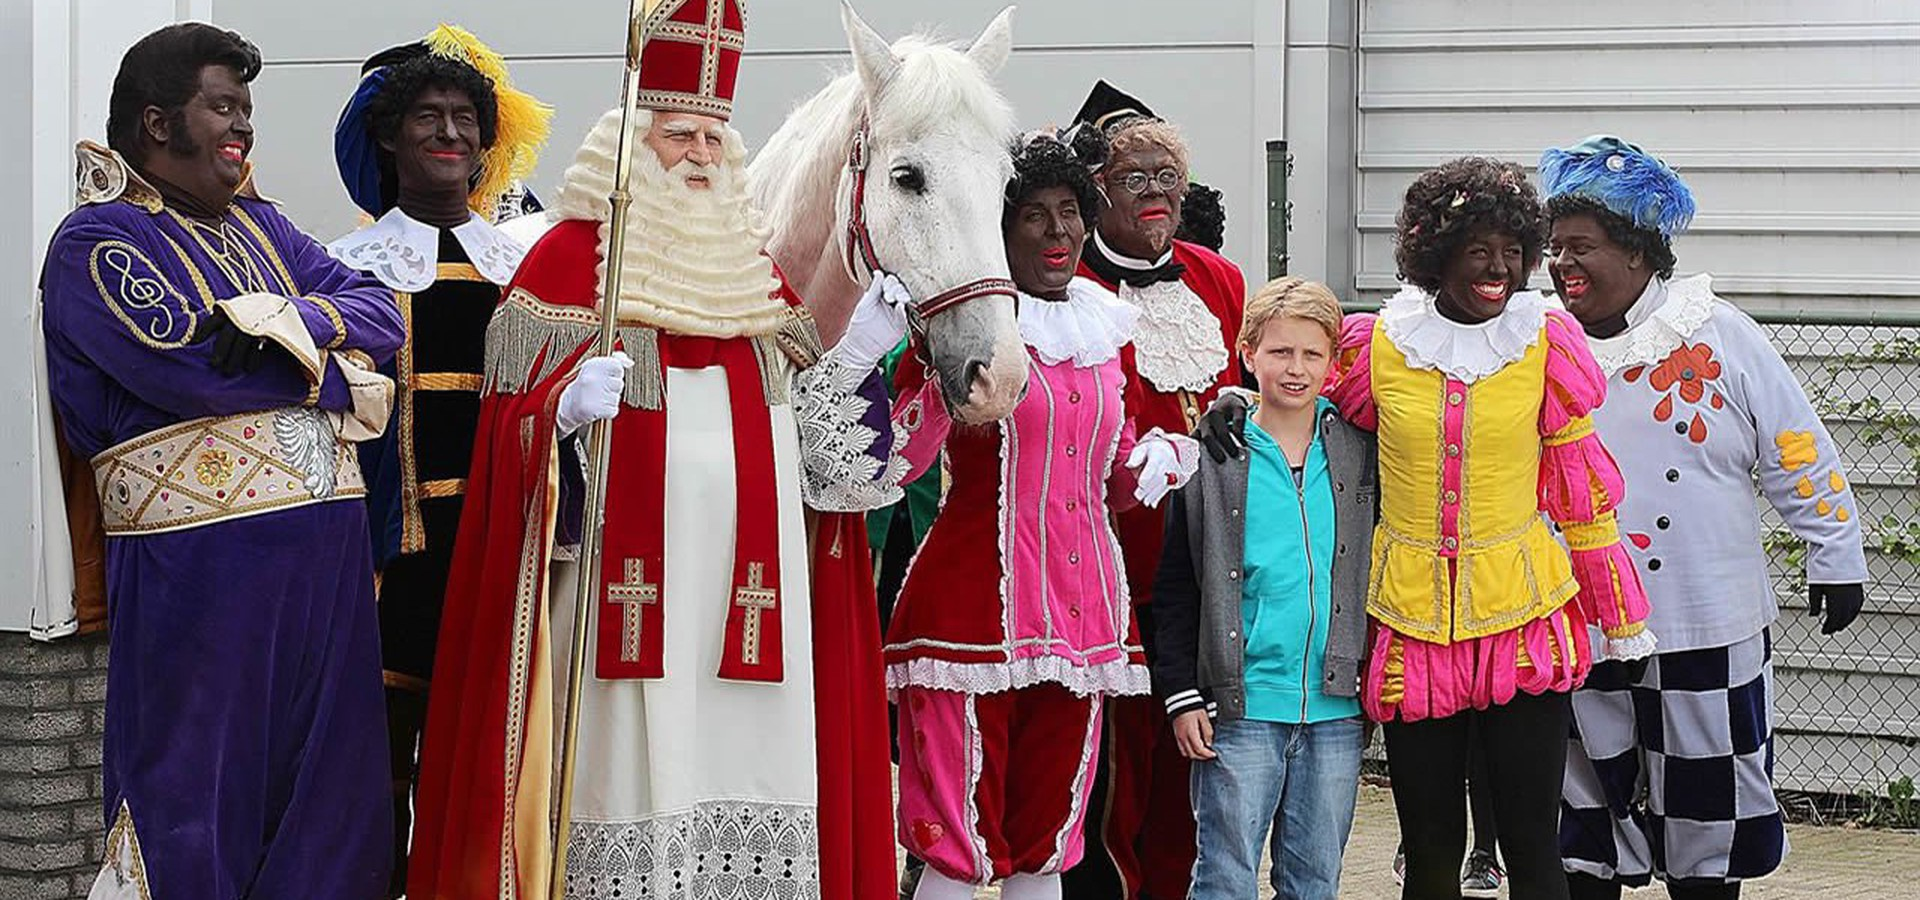 De Club van Sinterklaas & Het Pratende Paard